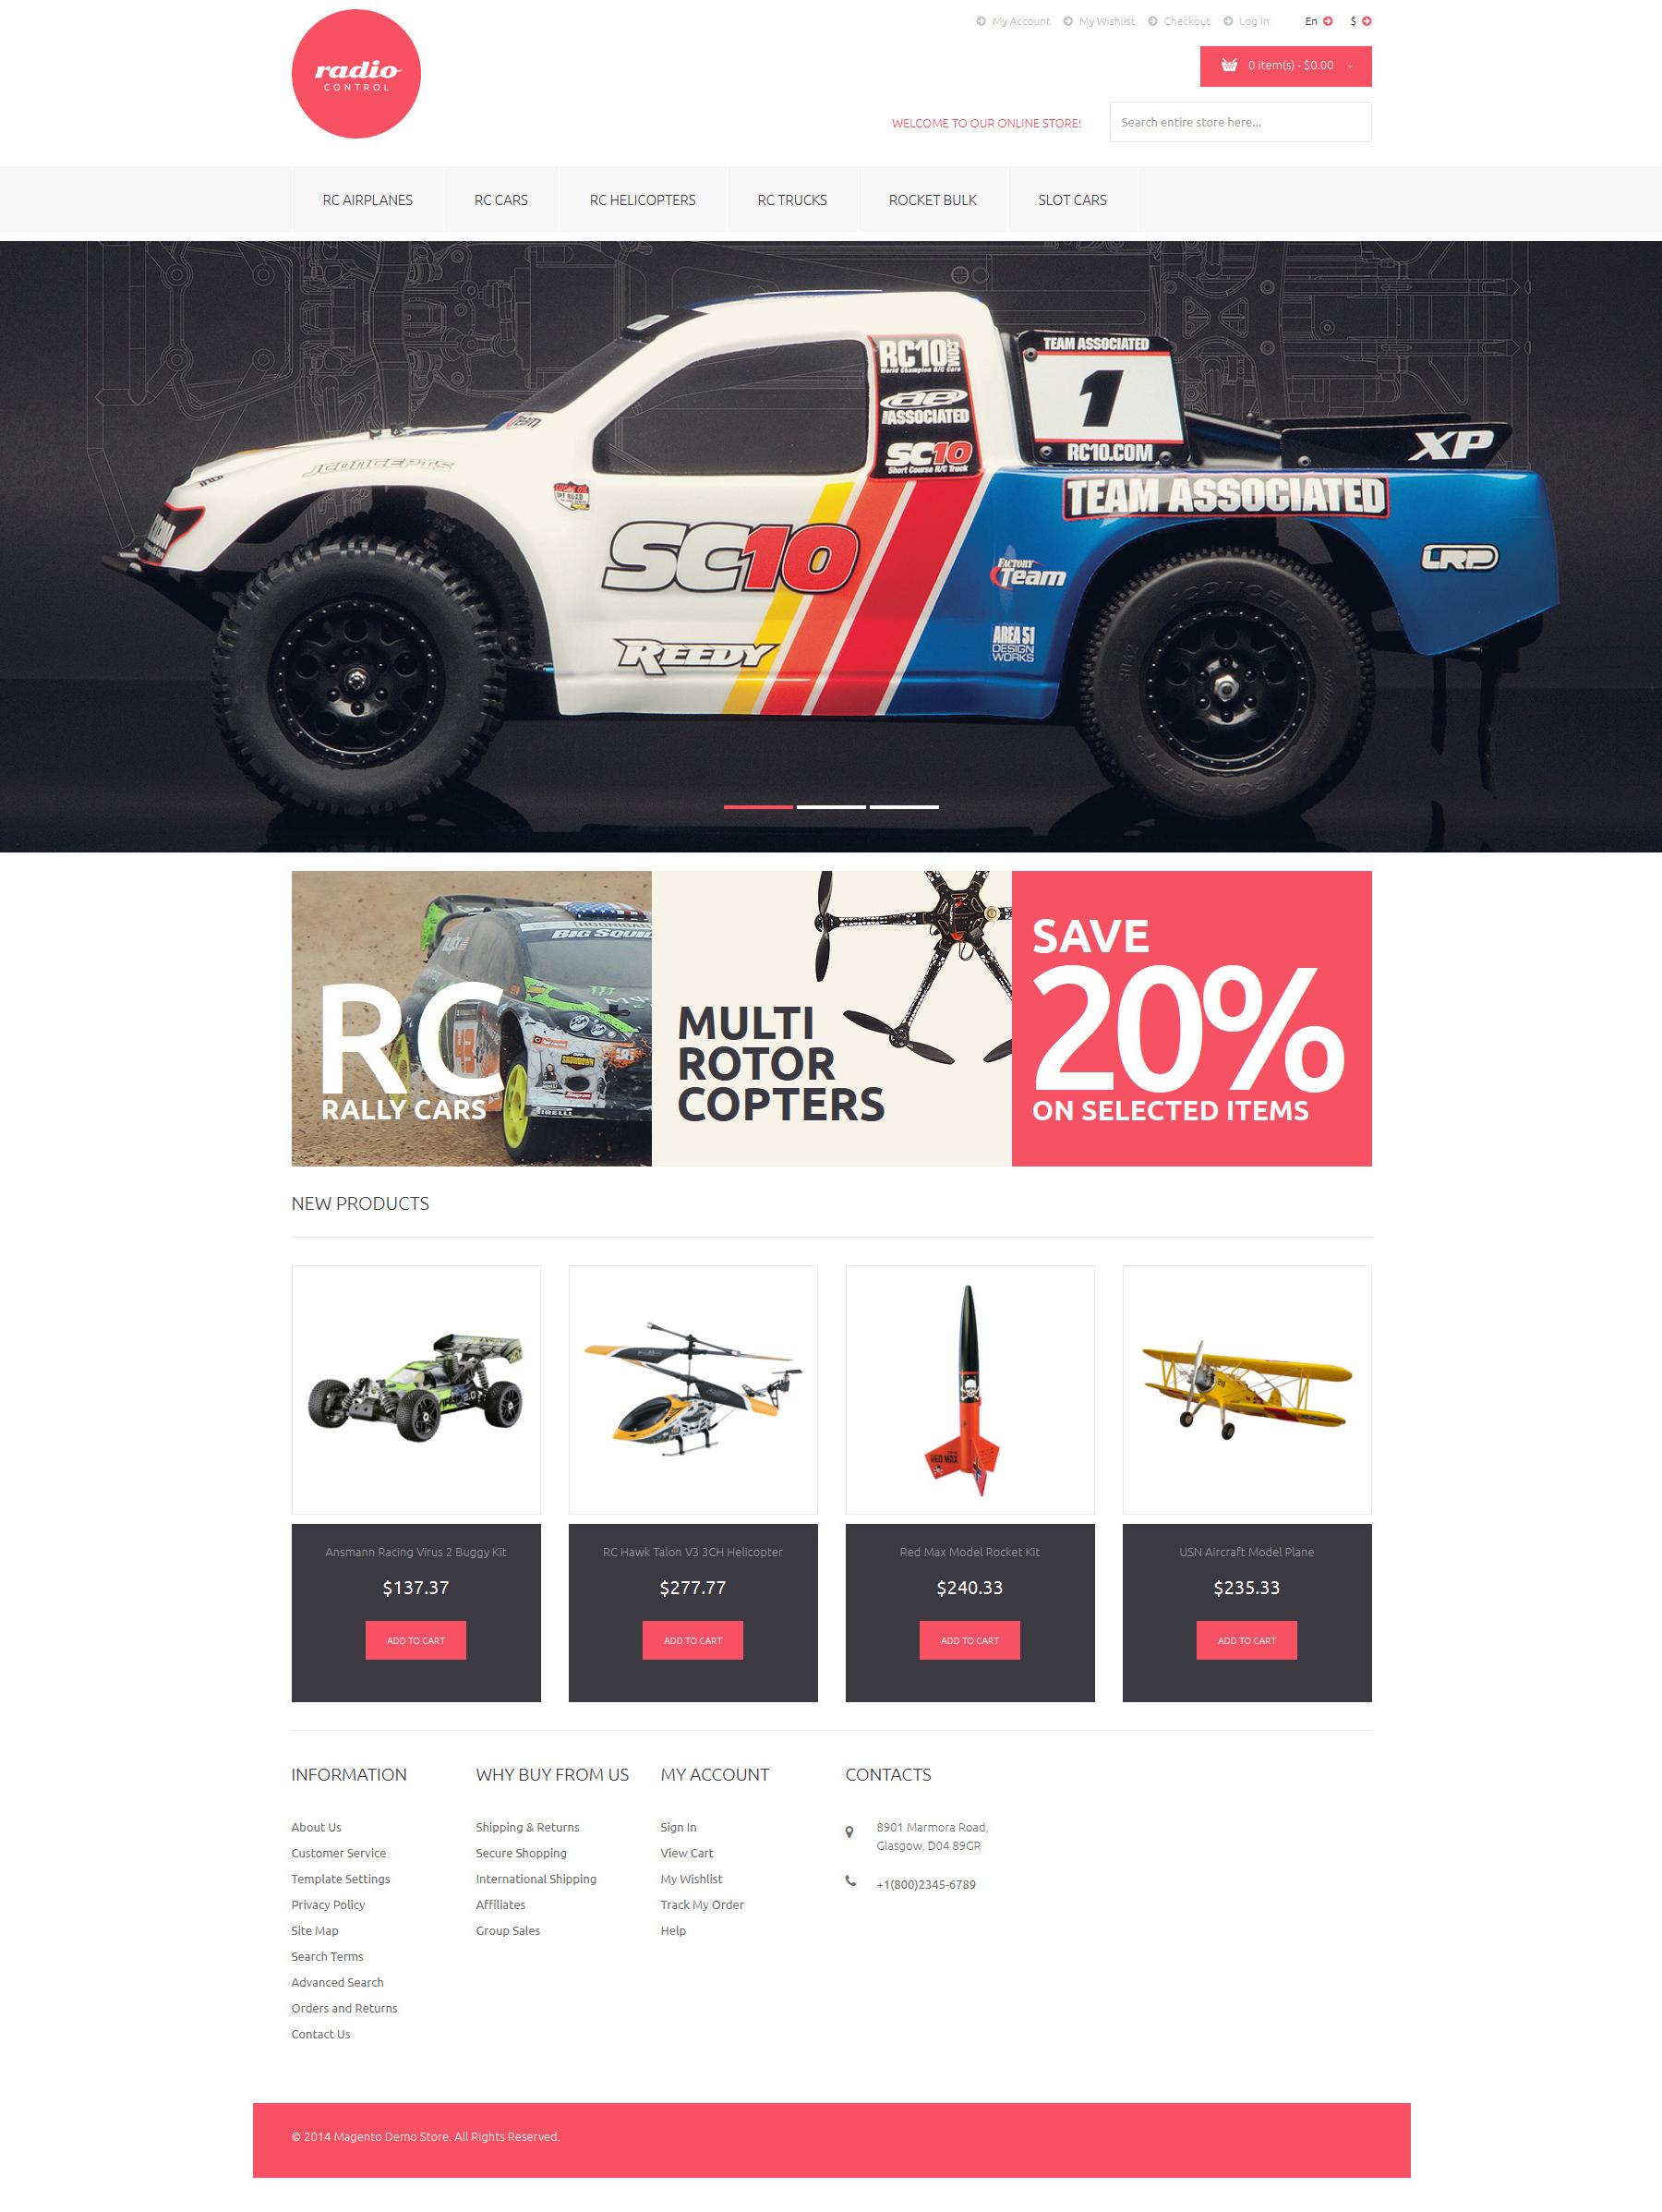 Responsywny szablon Magento RemoteControlled Toys #51121